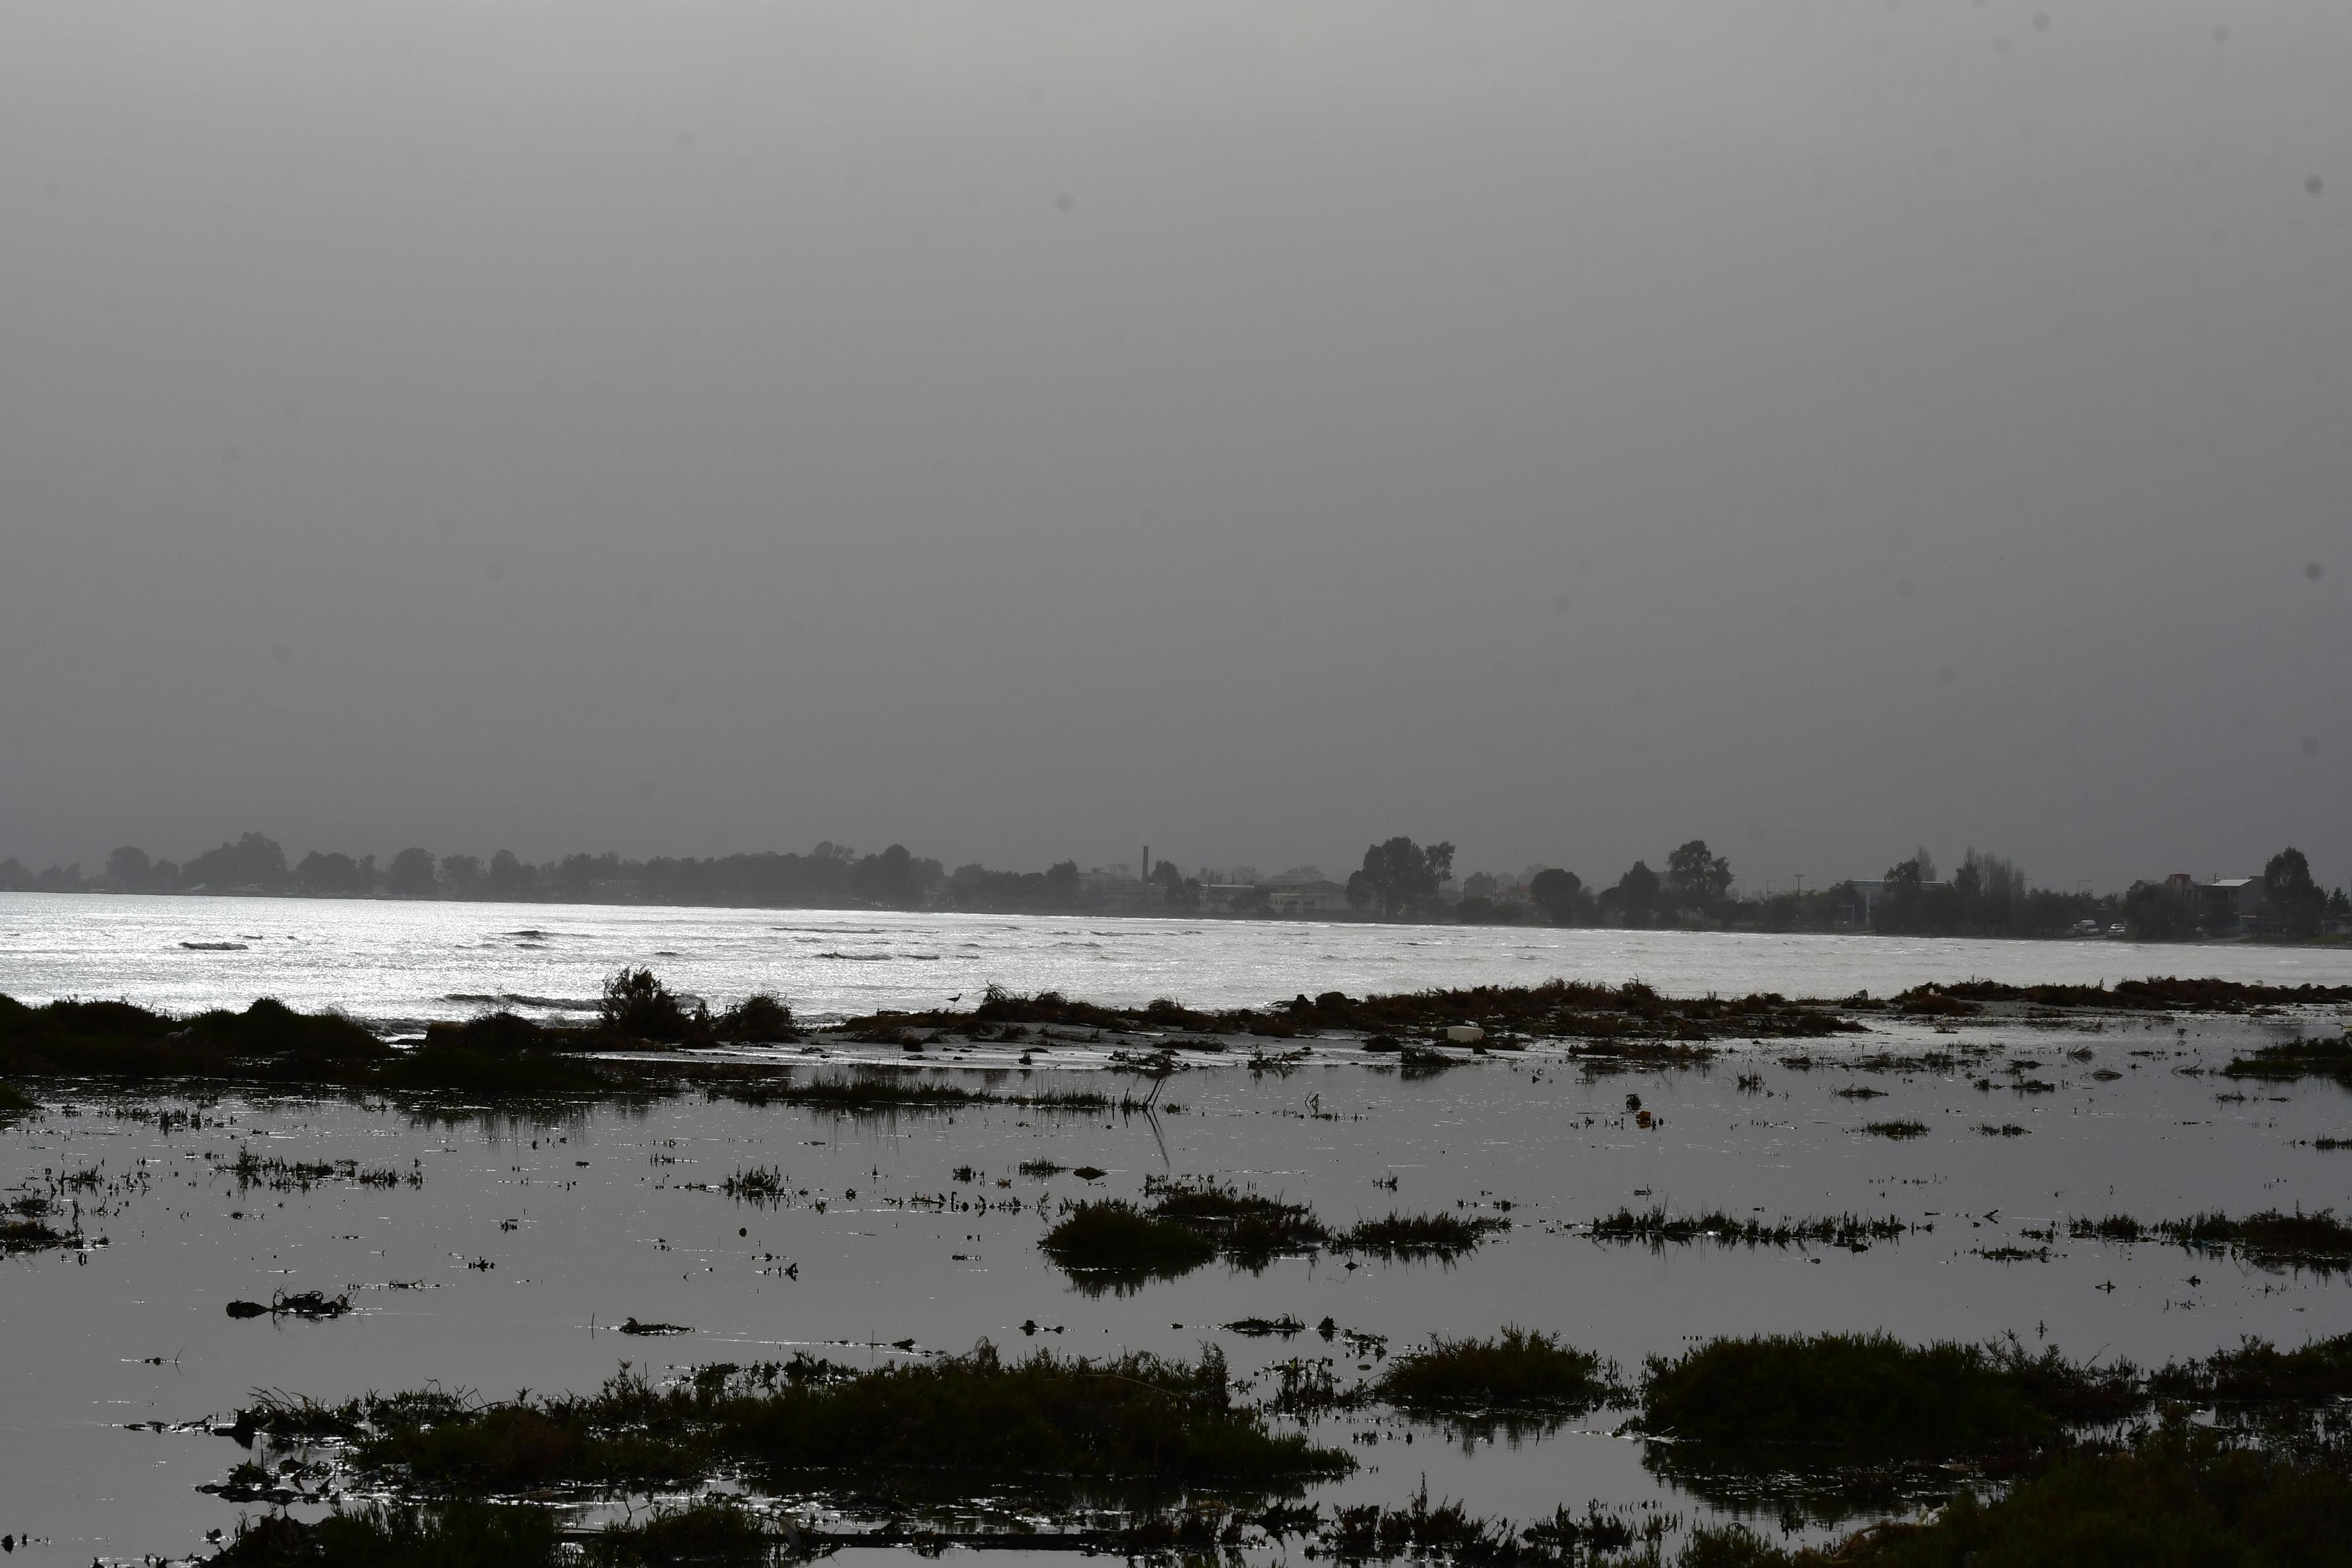 otan-i-afrikaniki-skoni-epnixe-ton-orizonta-fotografies6